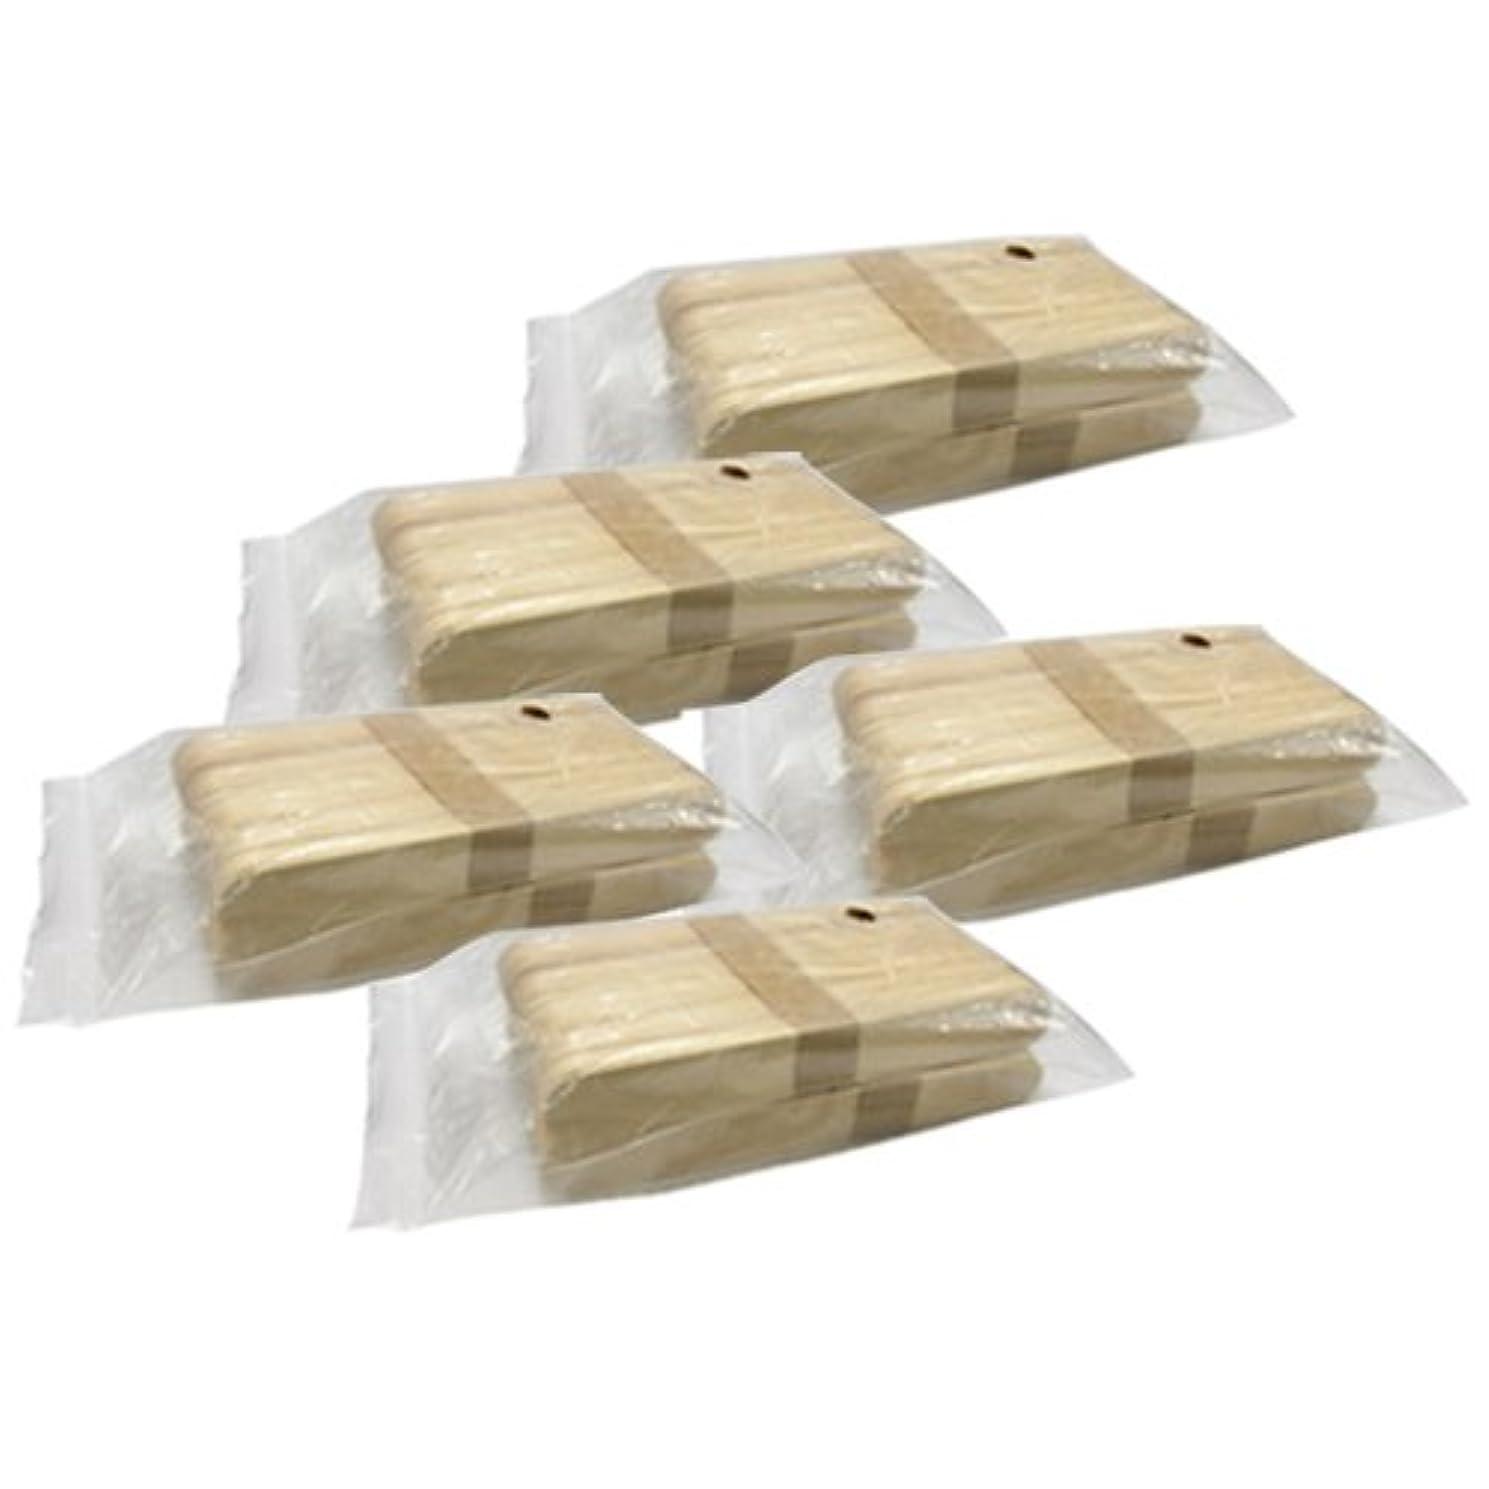 地域の歌手化学薬品使い捨て【木ベラ/ウッドスパチュラ】(業務用100枚入り) × 5袋セット(計500枚)/WAX脱毛等や舌厚子にも …